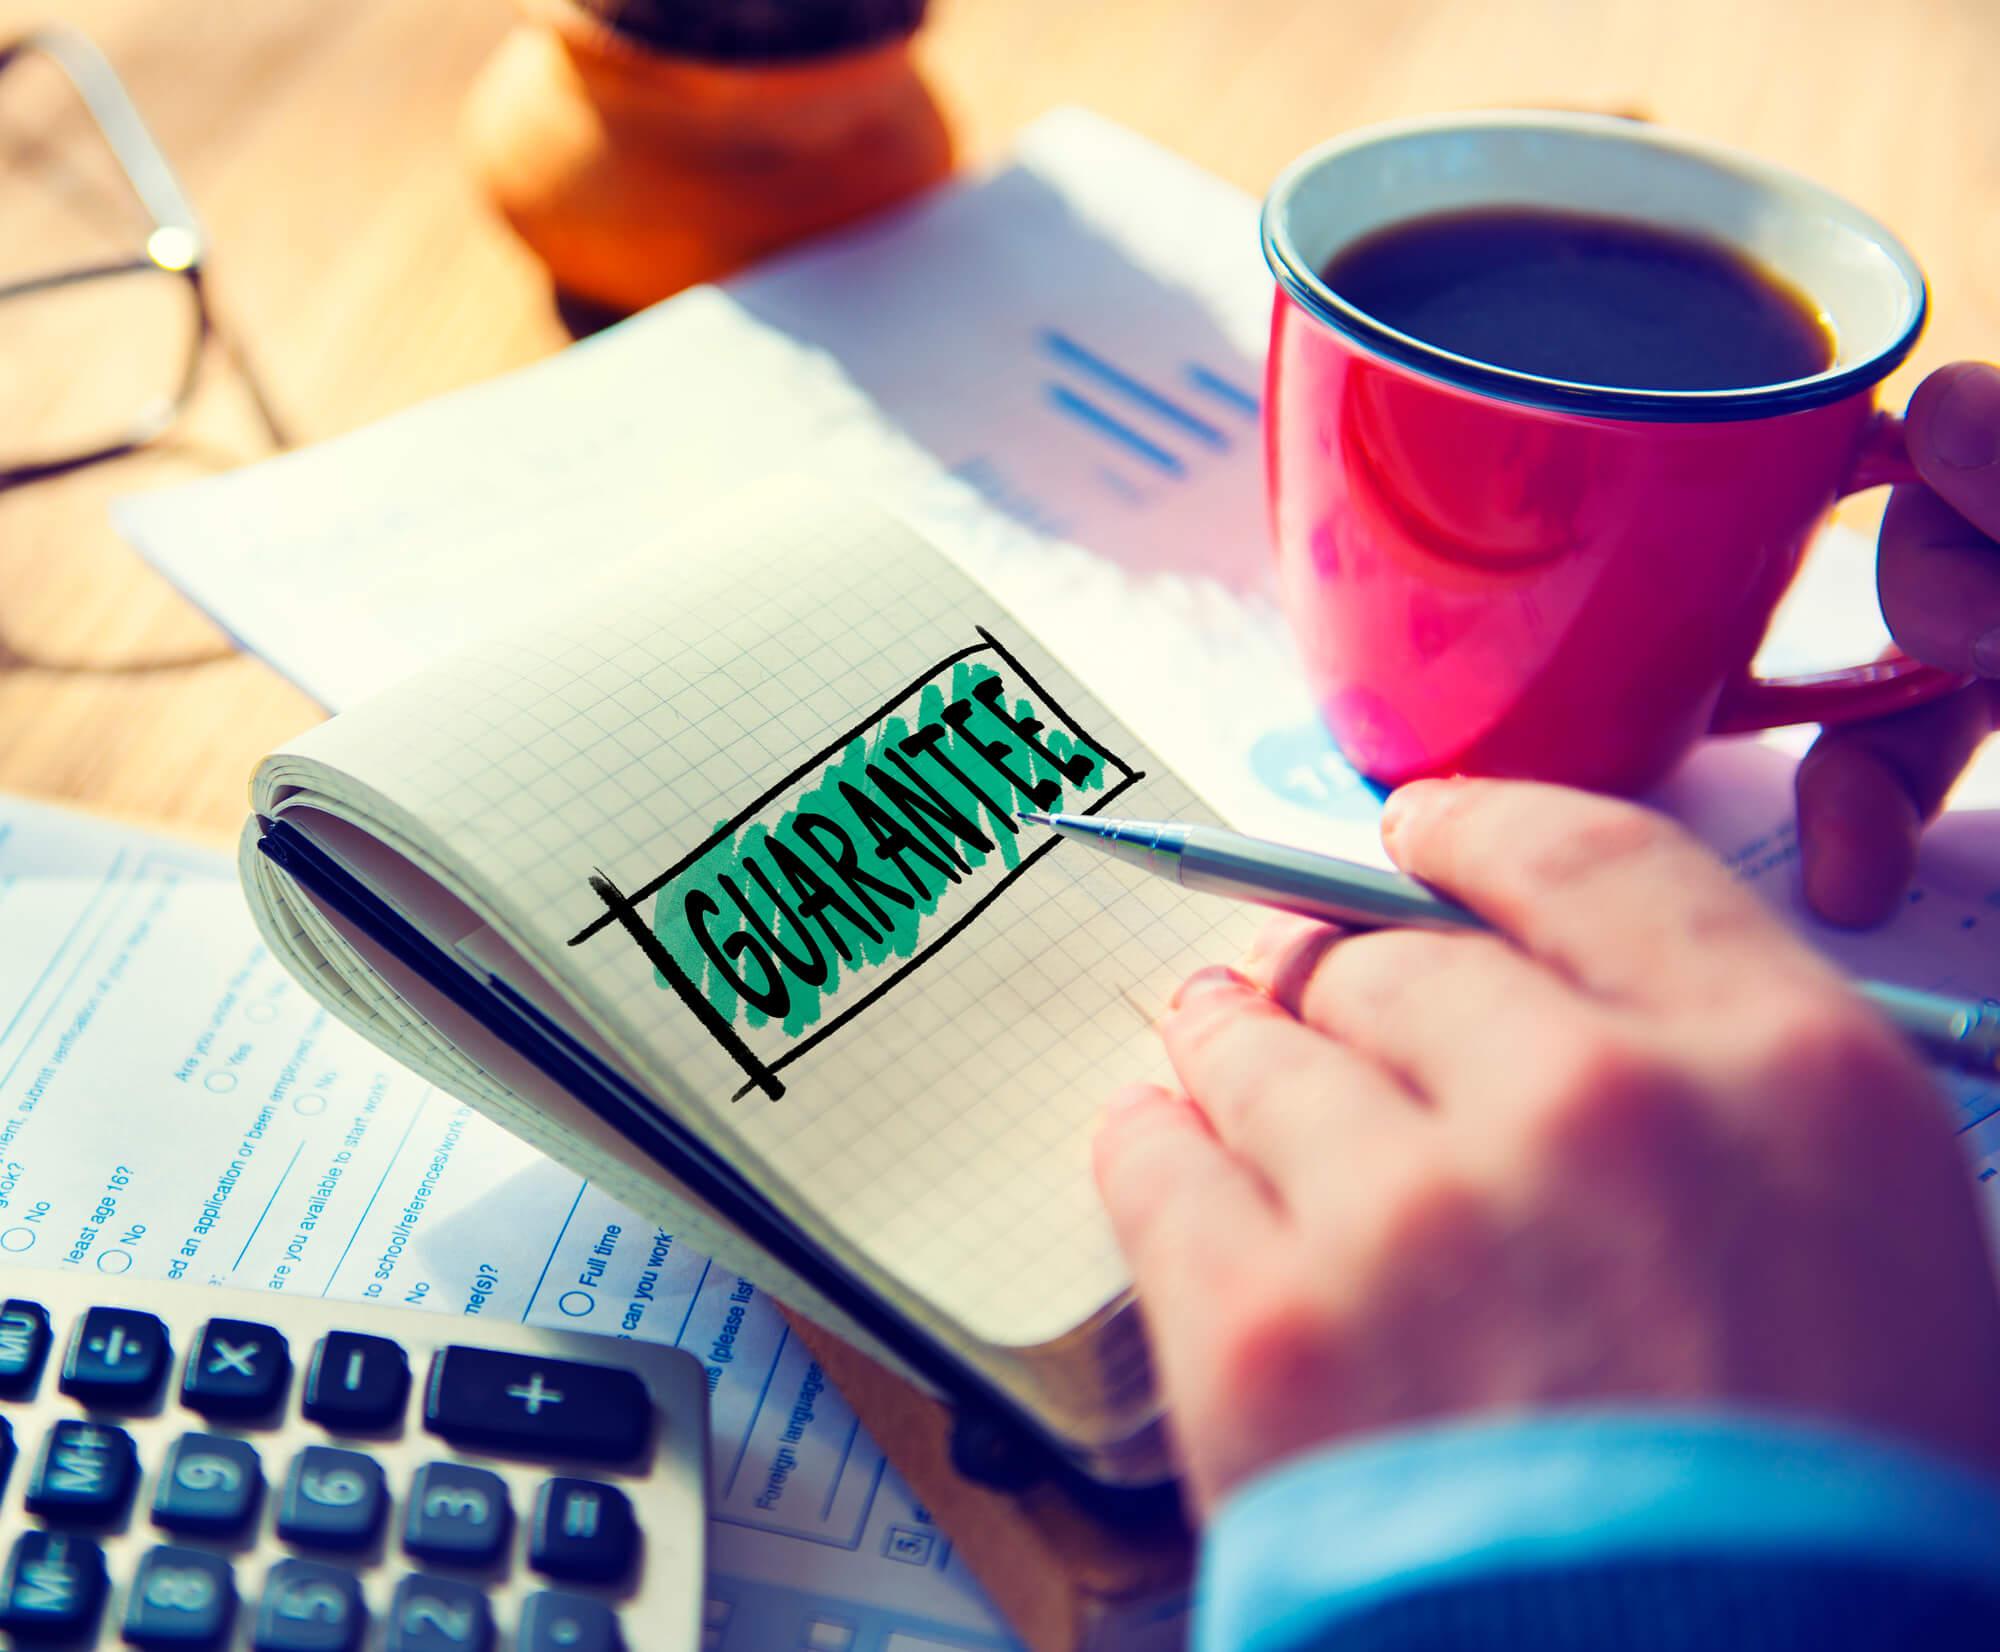 住宅ローン借り換え時、保証料はいくら返金される?シミュレーション方法は?